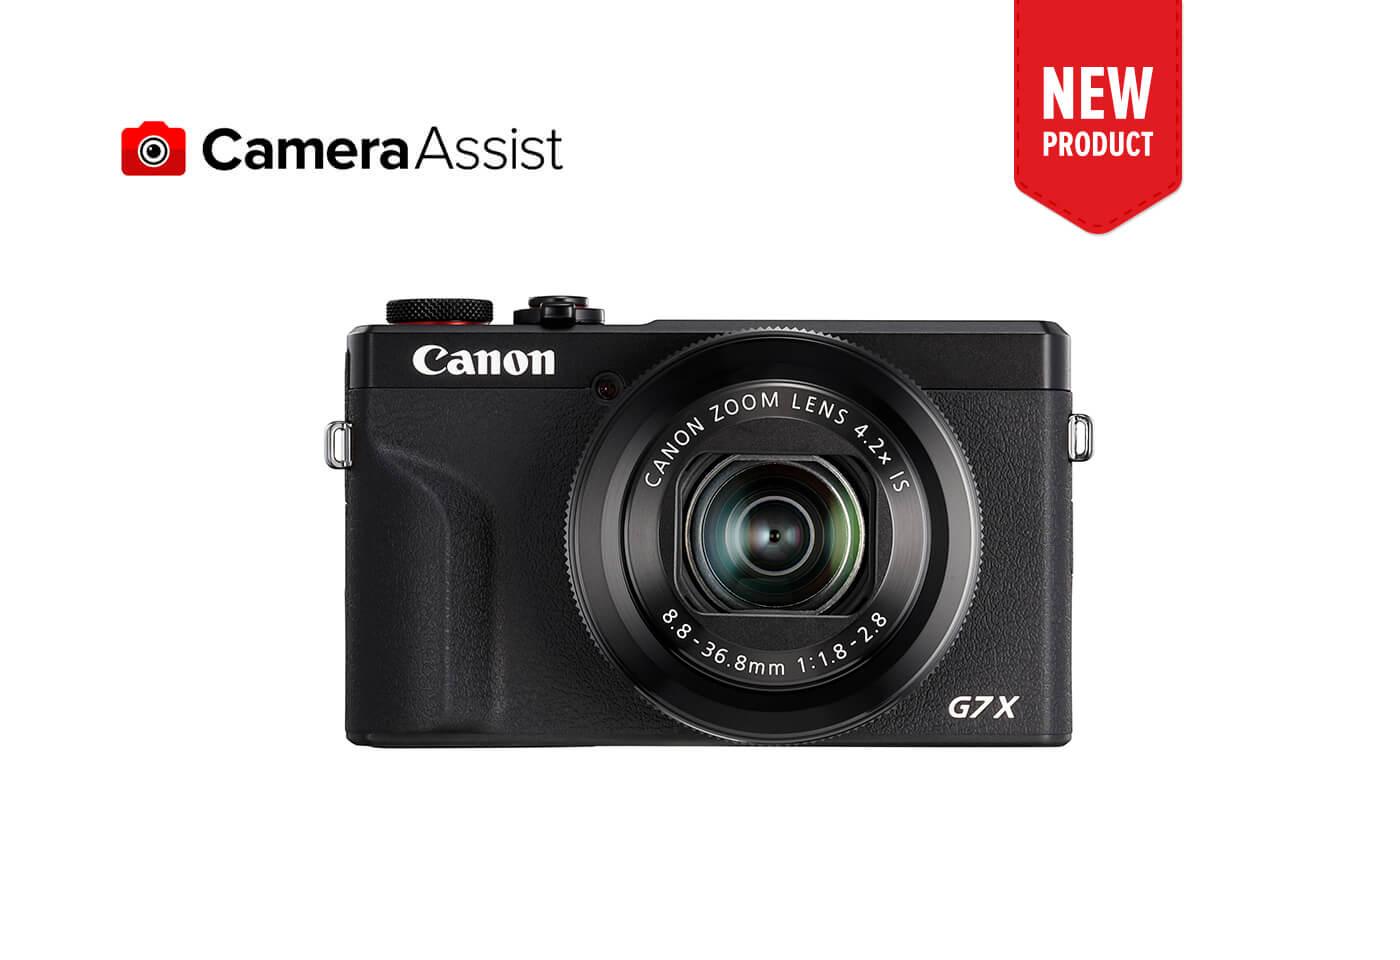 Product image of PowerShot G7 X Mark III